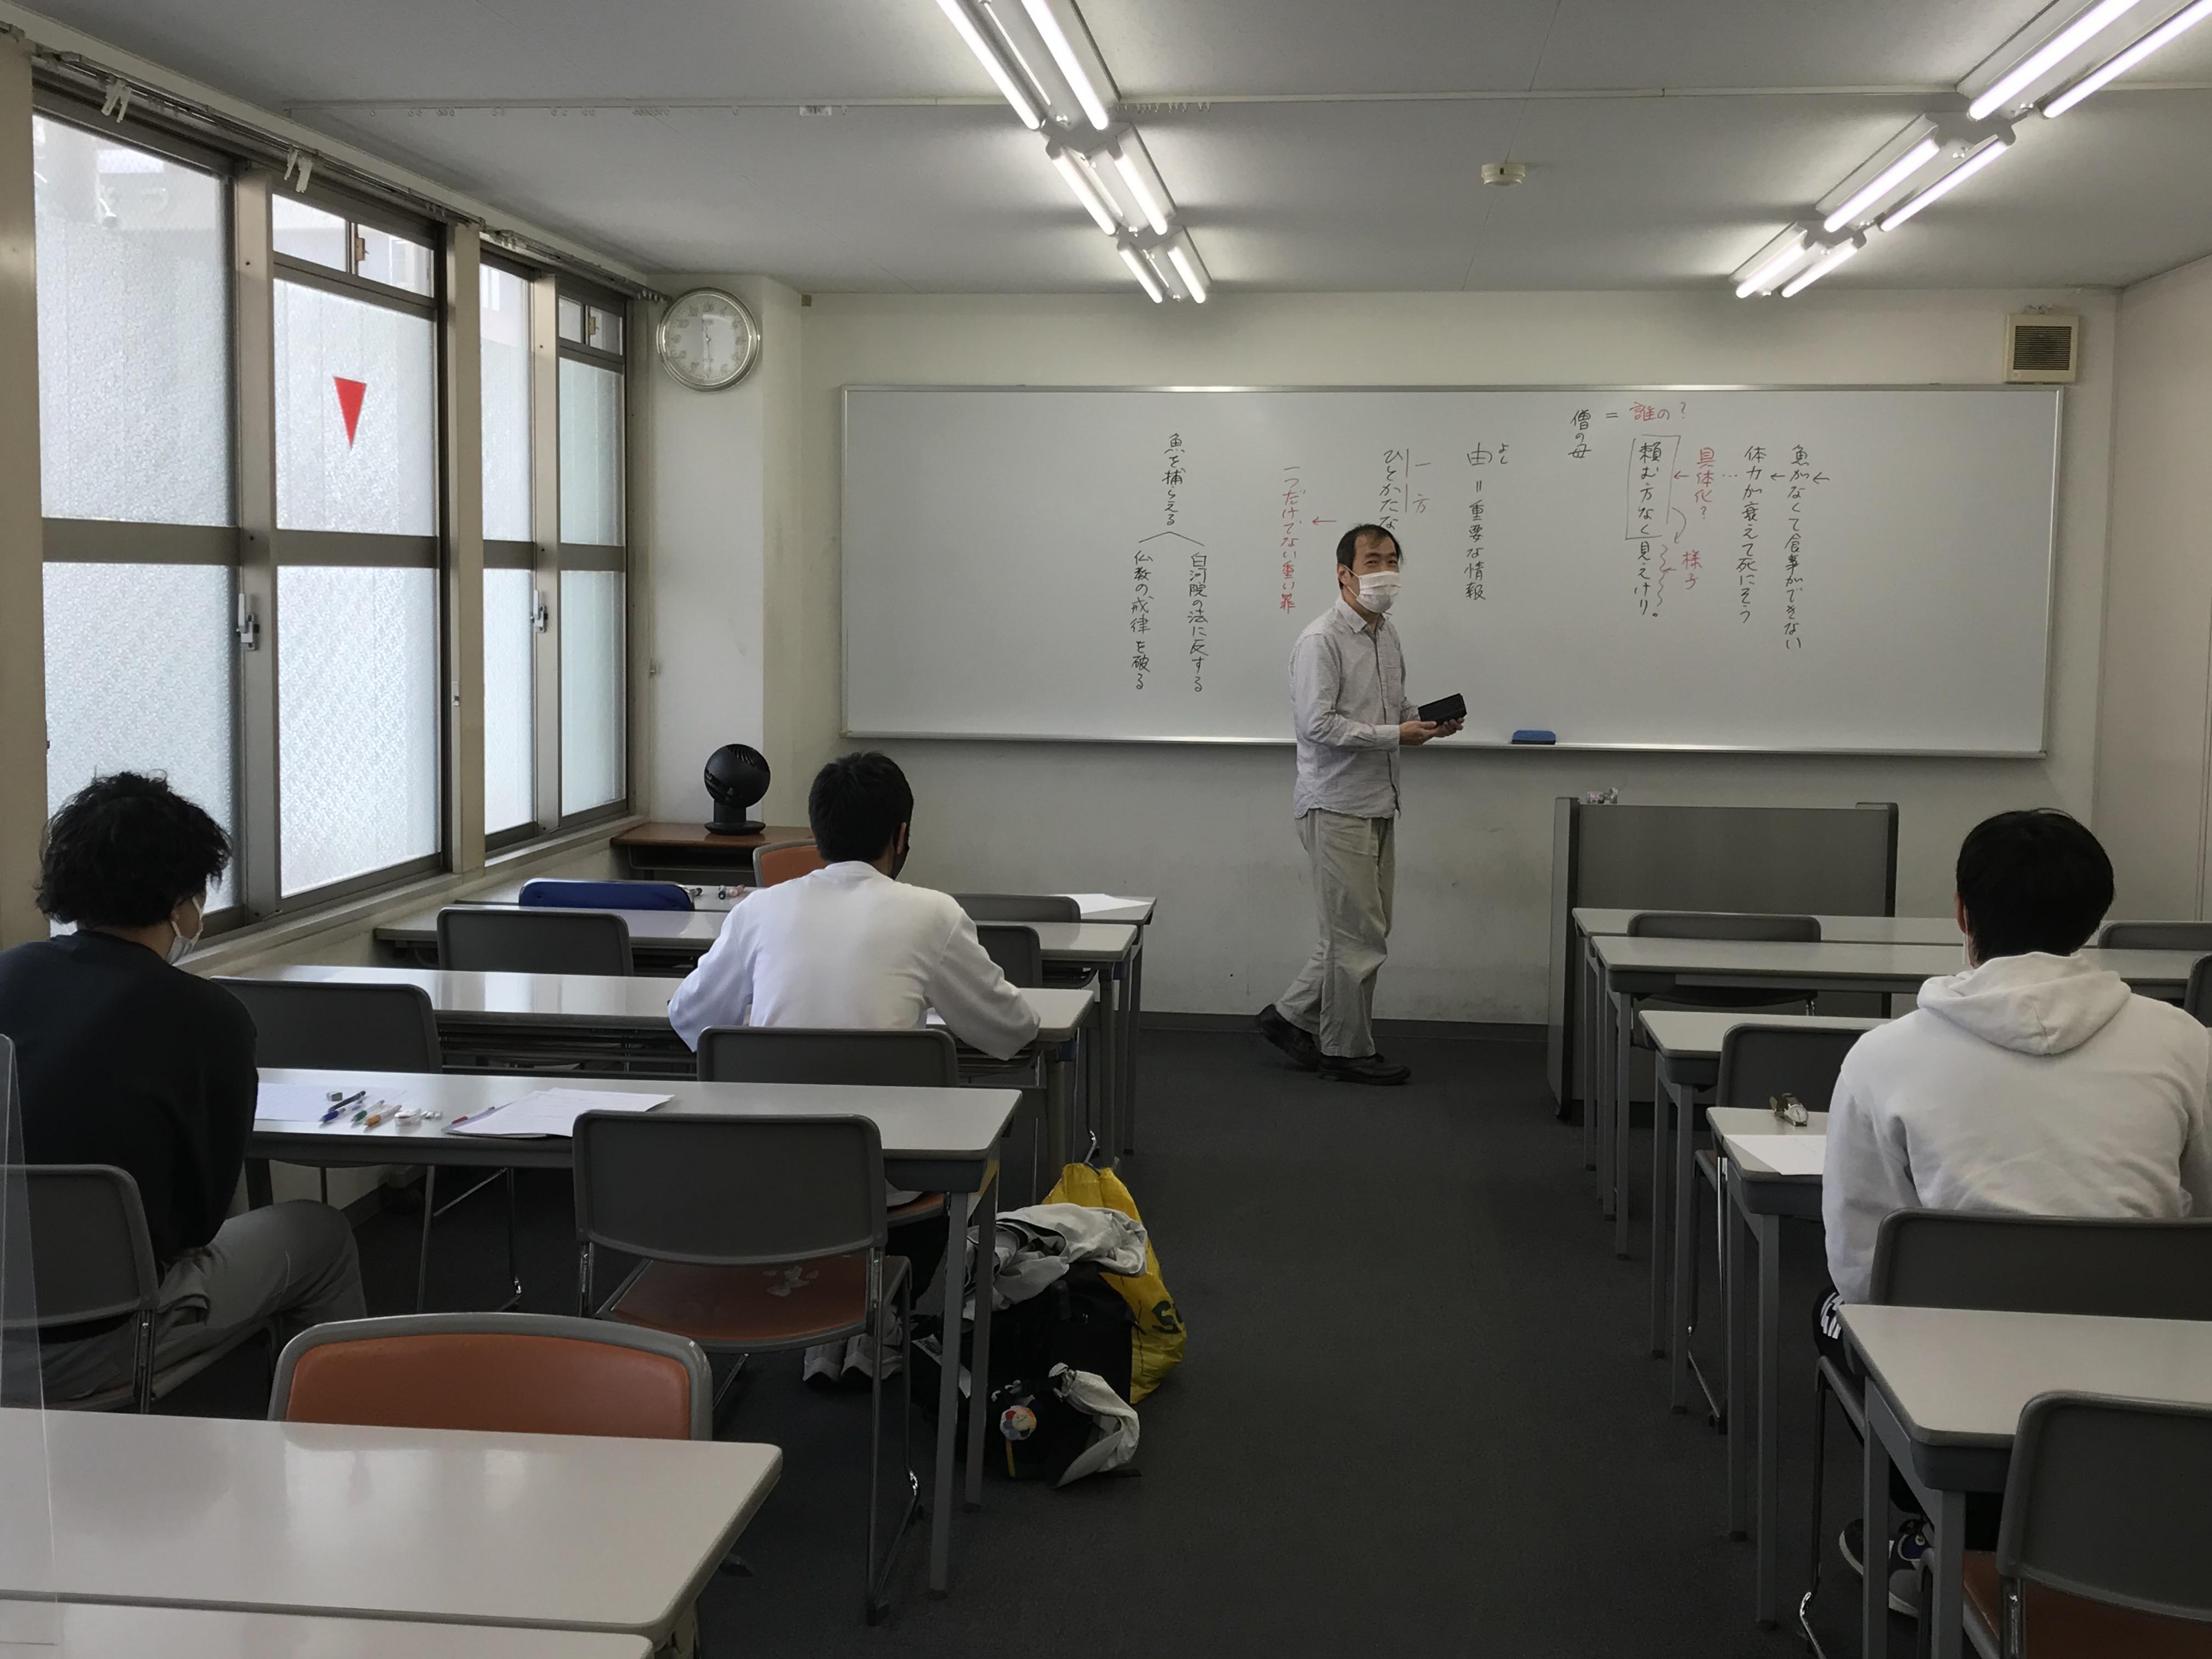 http://www.e-taishin.com/diary/img/%E3%80%90%E5%86%99%E7%9C%9F1%E3%80%9120210402%20tom1%EF%BC%88%E5%8F%A4%E5%85%B8%EF%BC%89.jpg